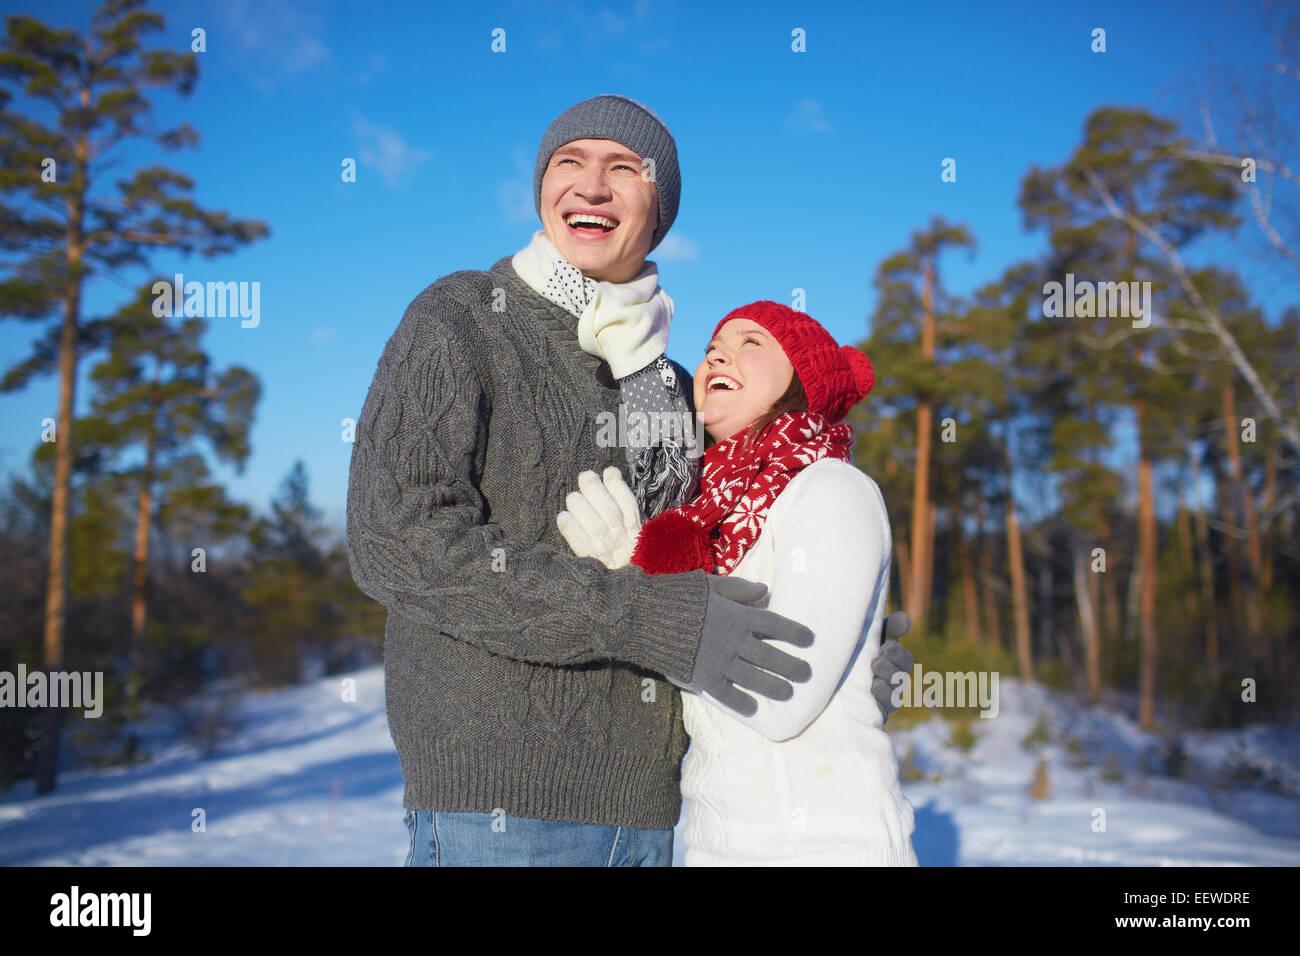 En extase l'homme et la femme dans les dépenses en loisirs winterwear park Photo Stock